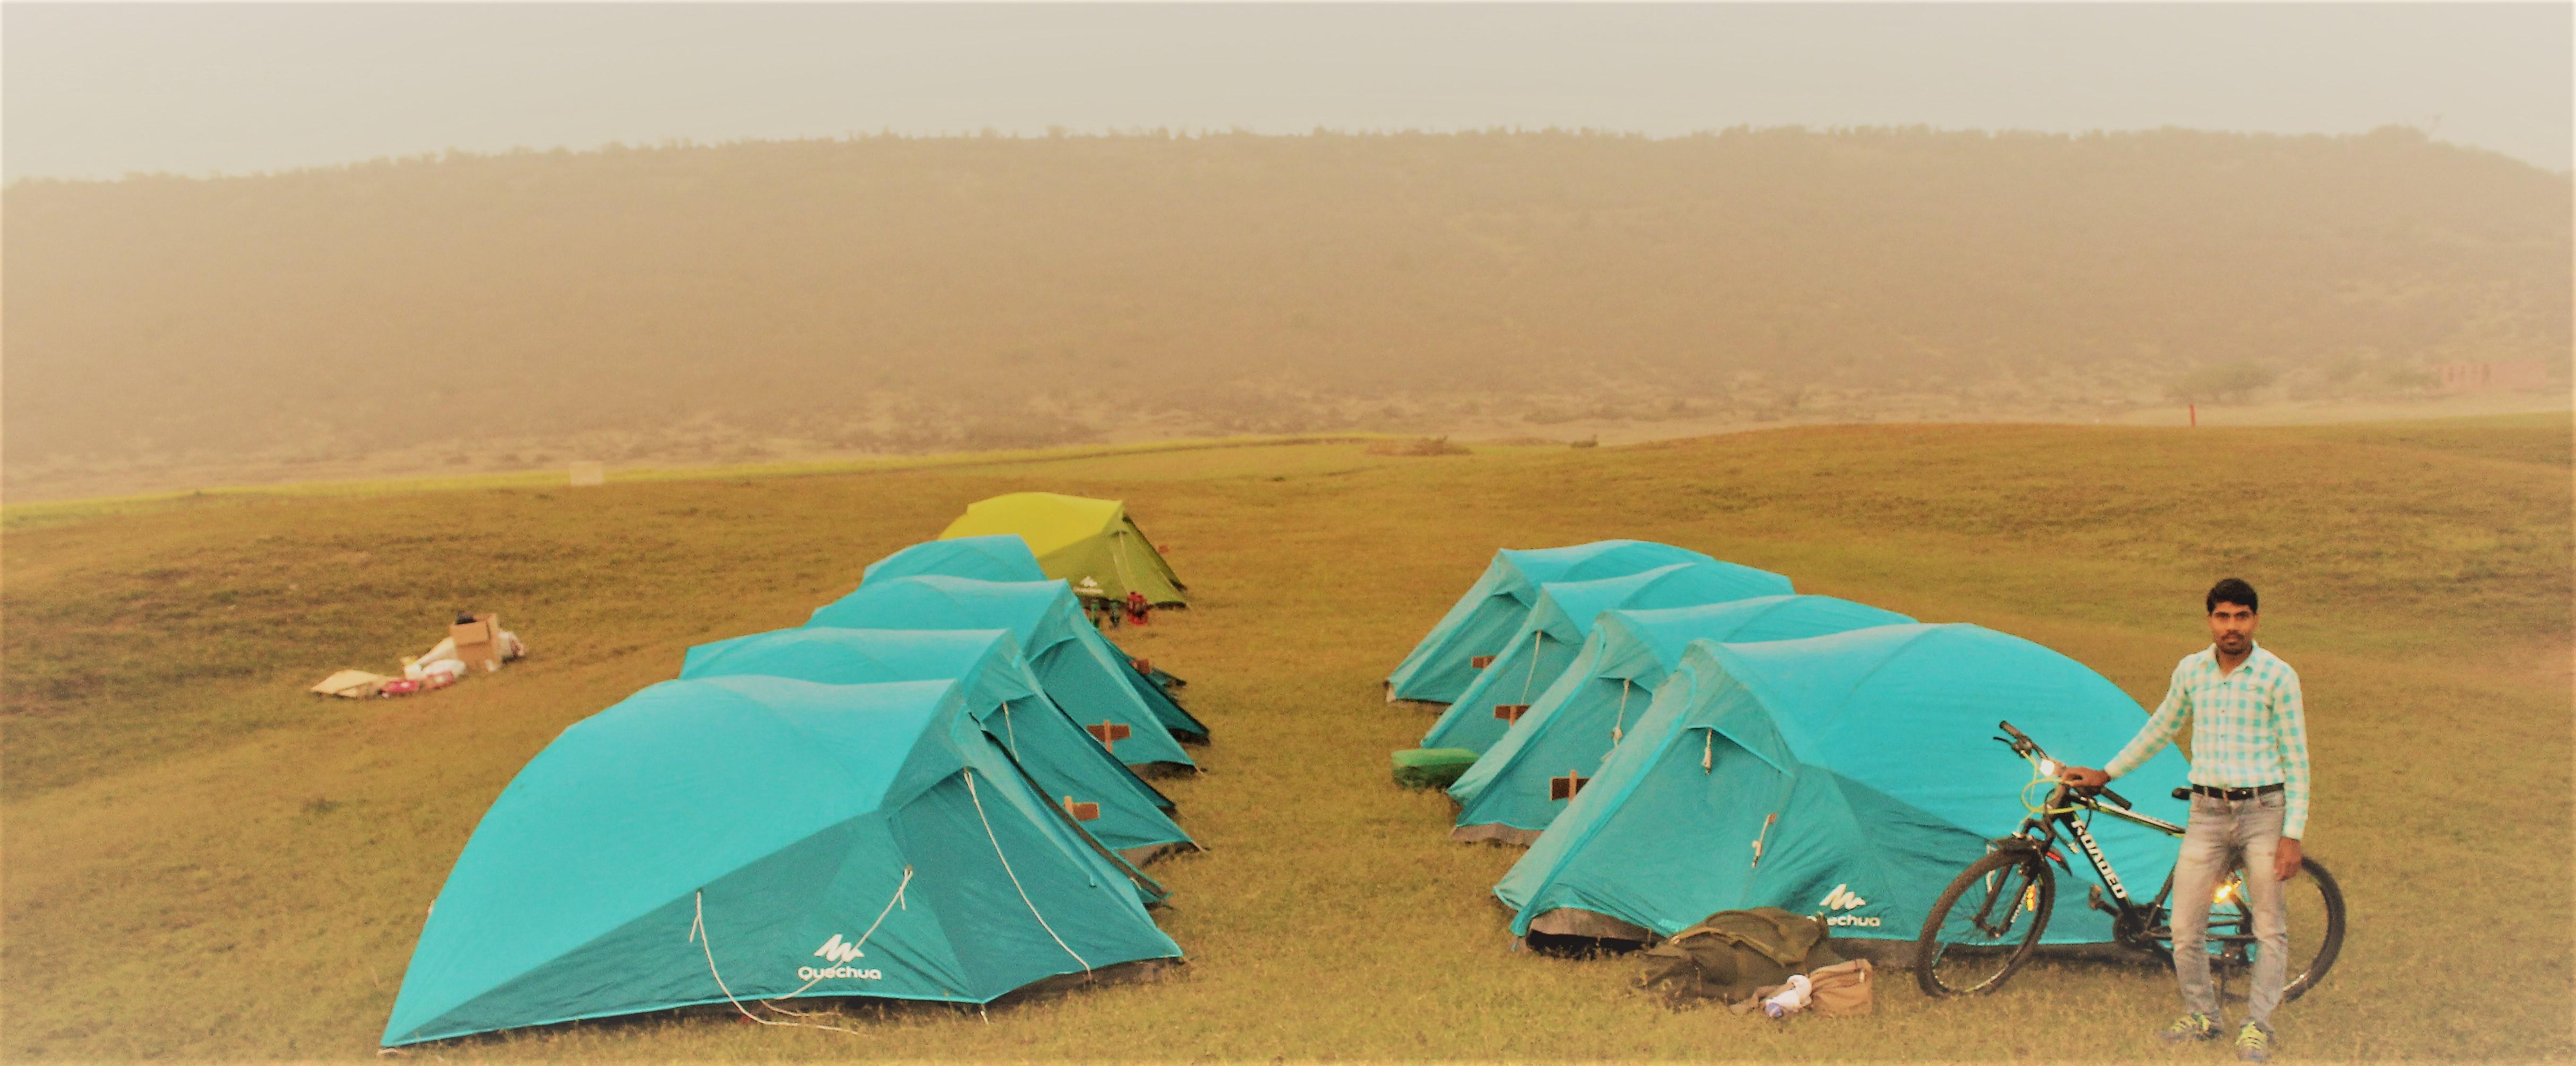 Imported Qucehua 3XL Tents